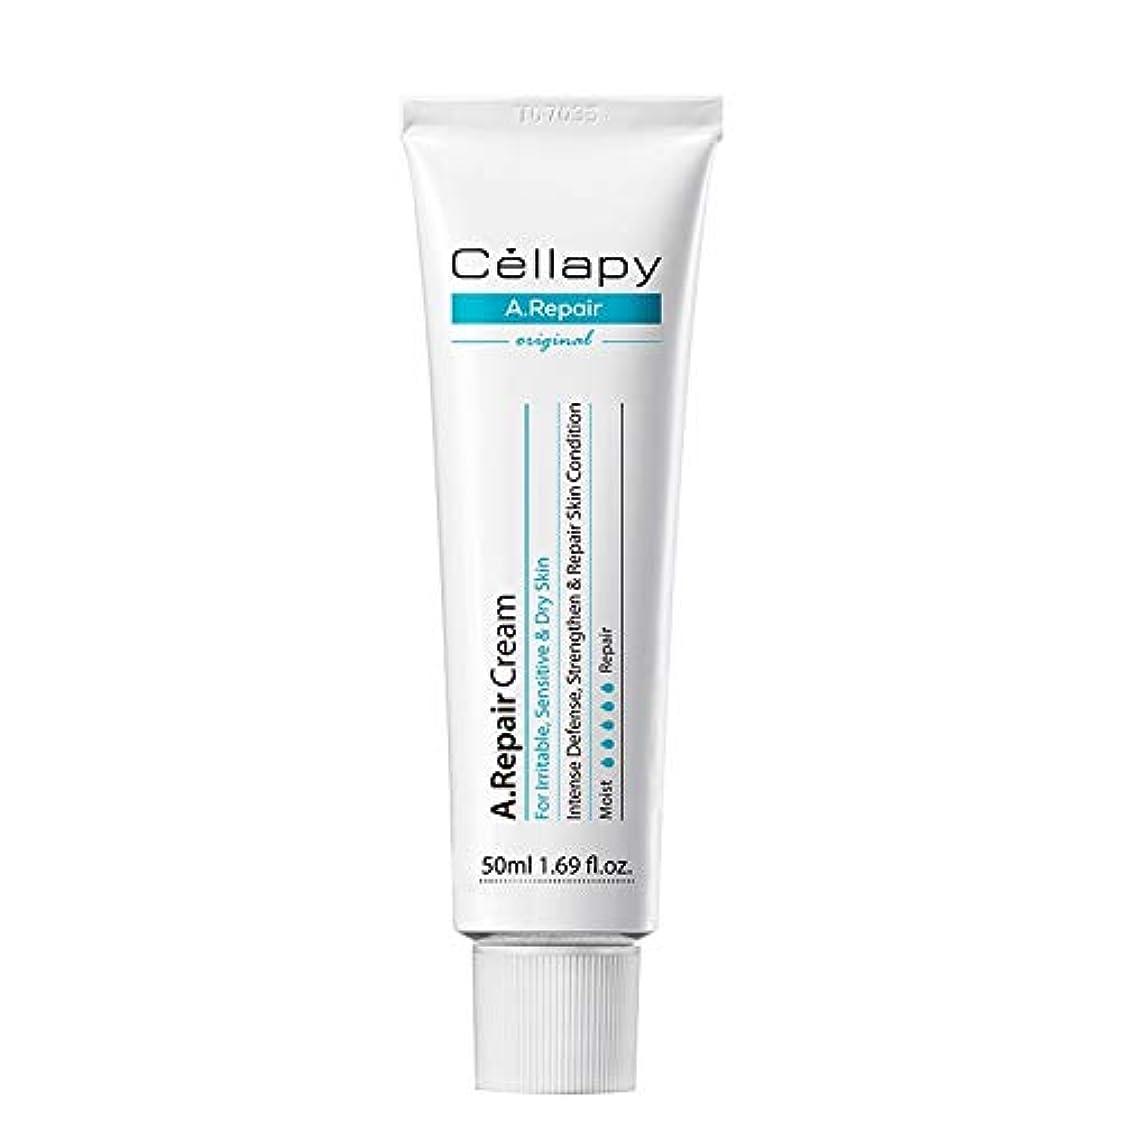 ロッカーワーム喜ぶ[CELLAPY/セラピー] A.Repair Cream Original (50ml) /エイリペアクリームオリジナル [韓国産]